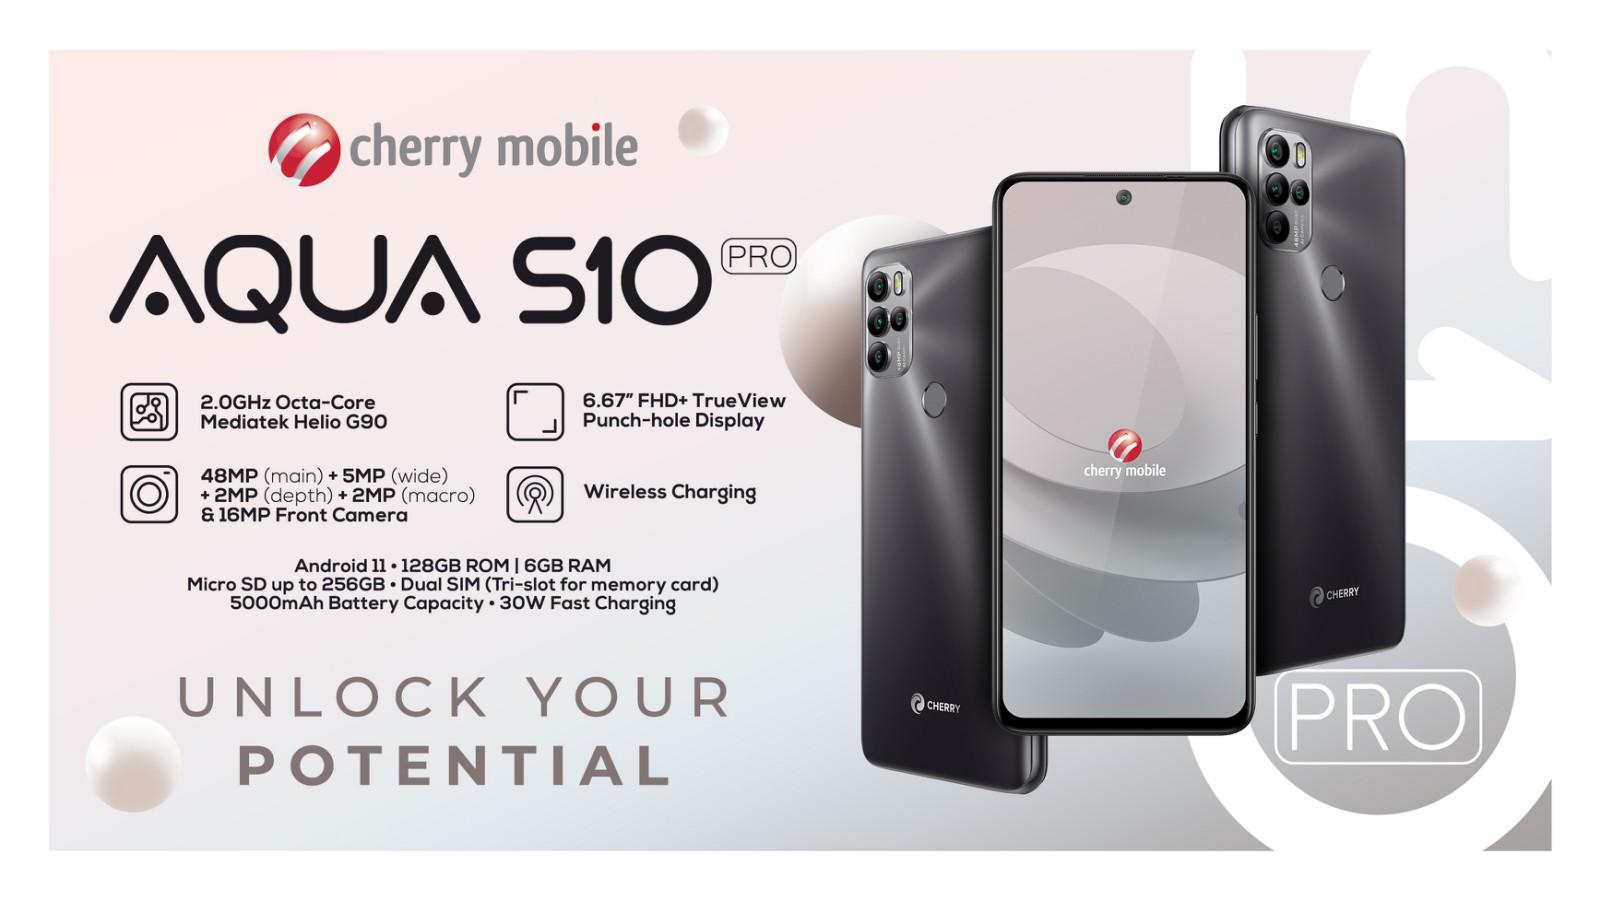 Cherry Mobile Aqua S10 Pro